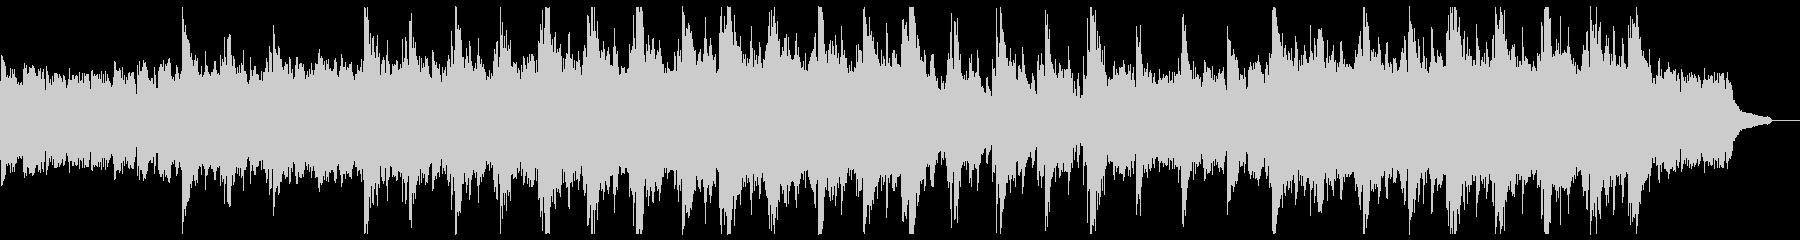 雄大なピアノアルペジオの未再生の波形